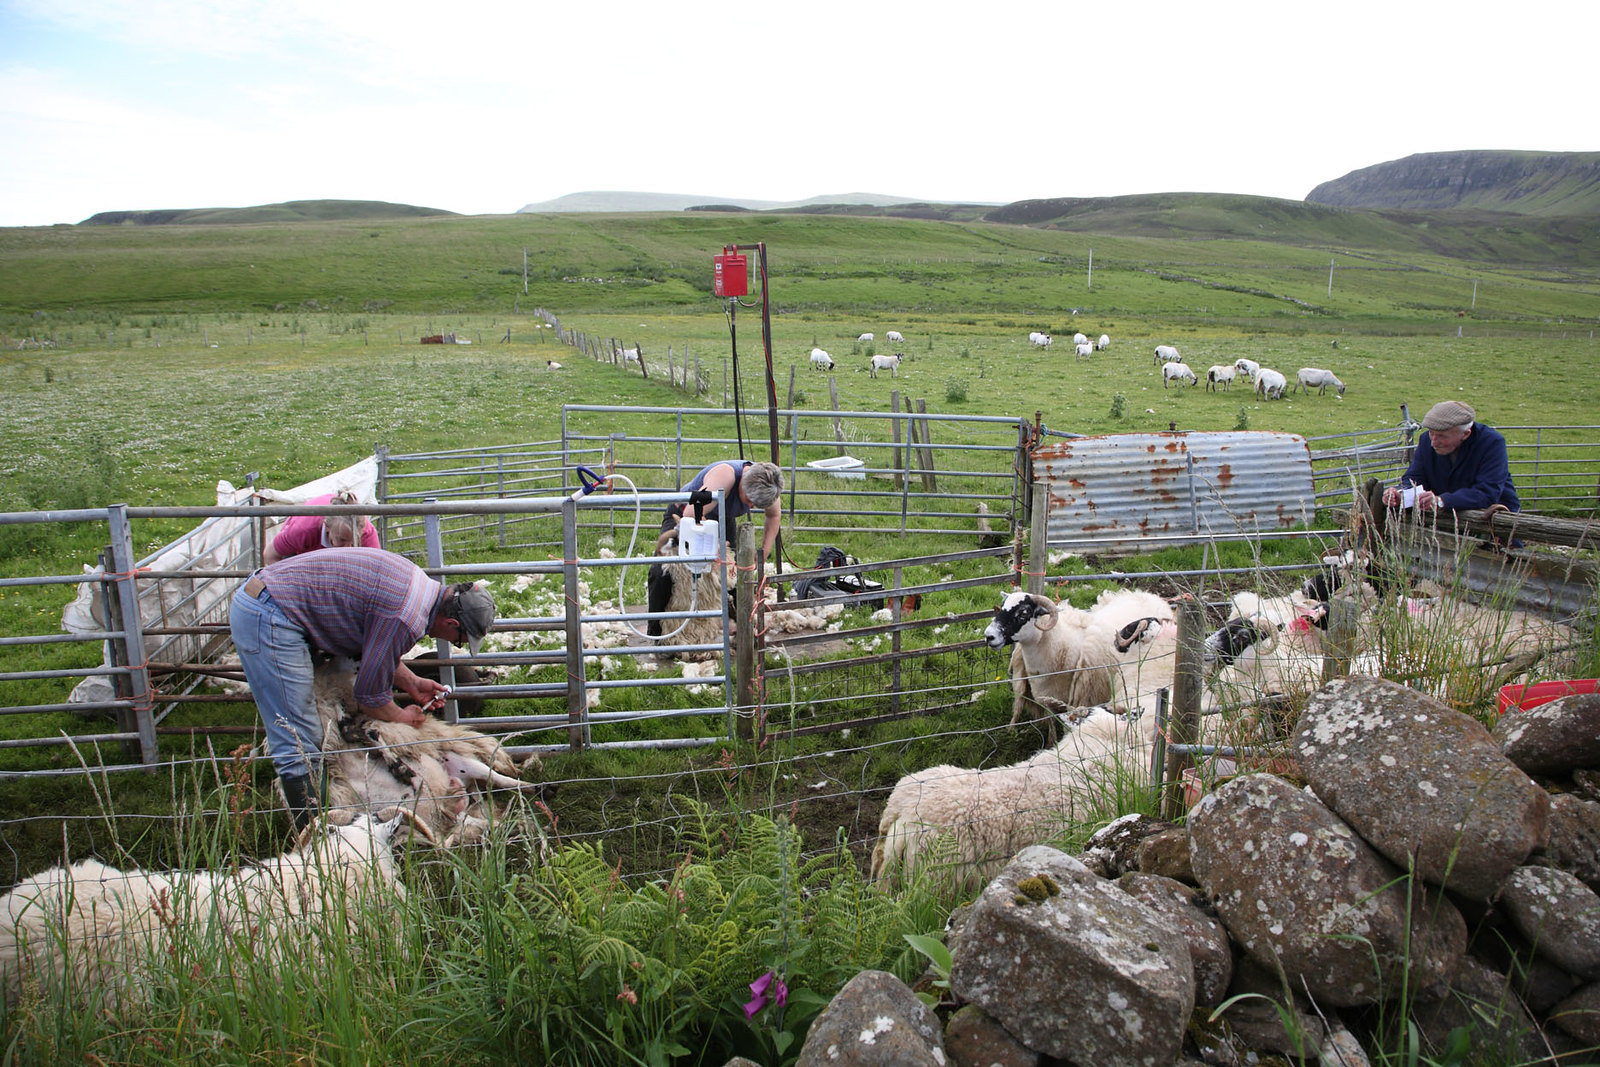 Shearing sheep